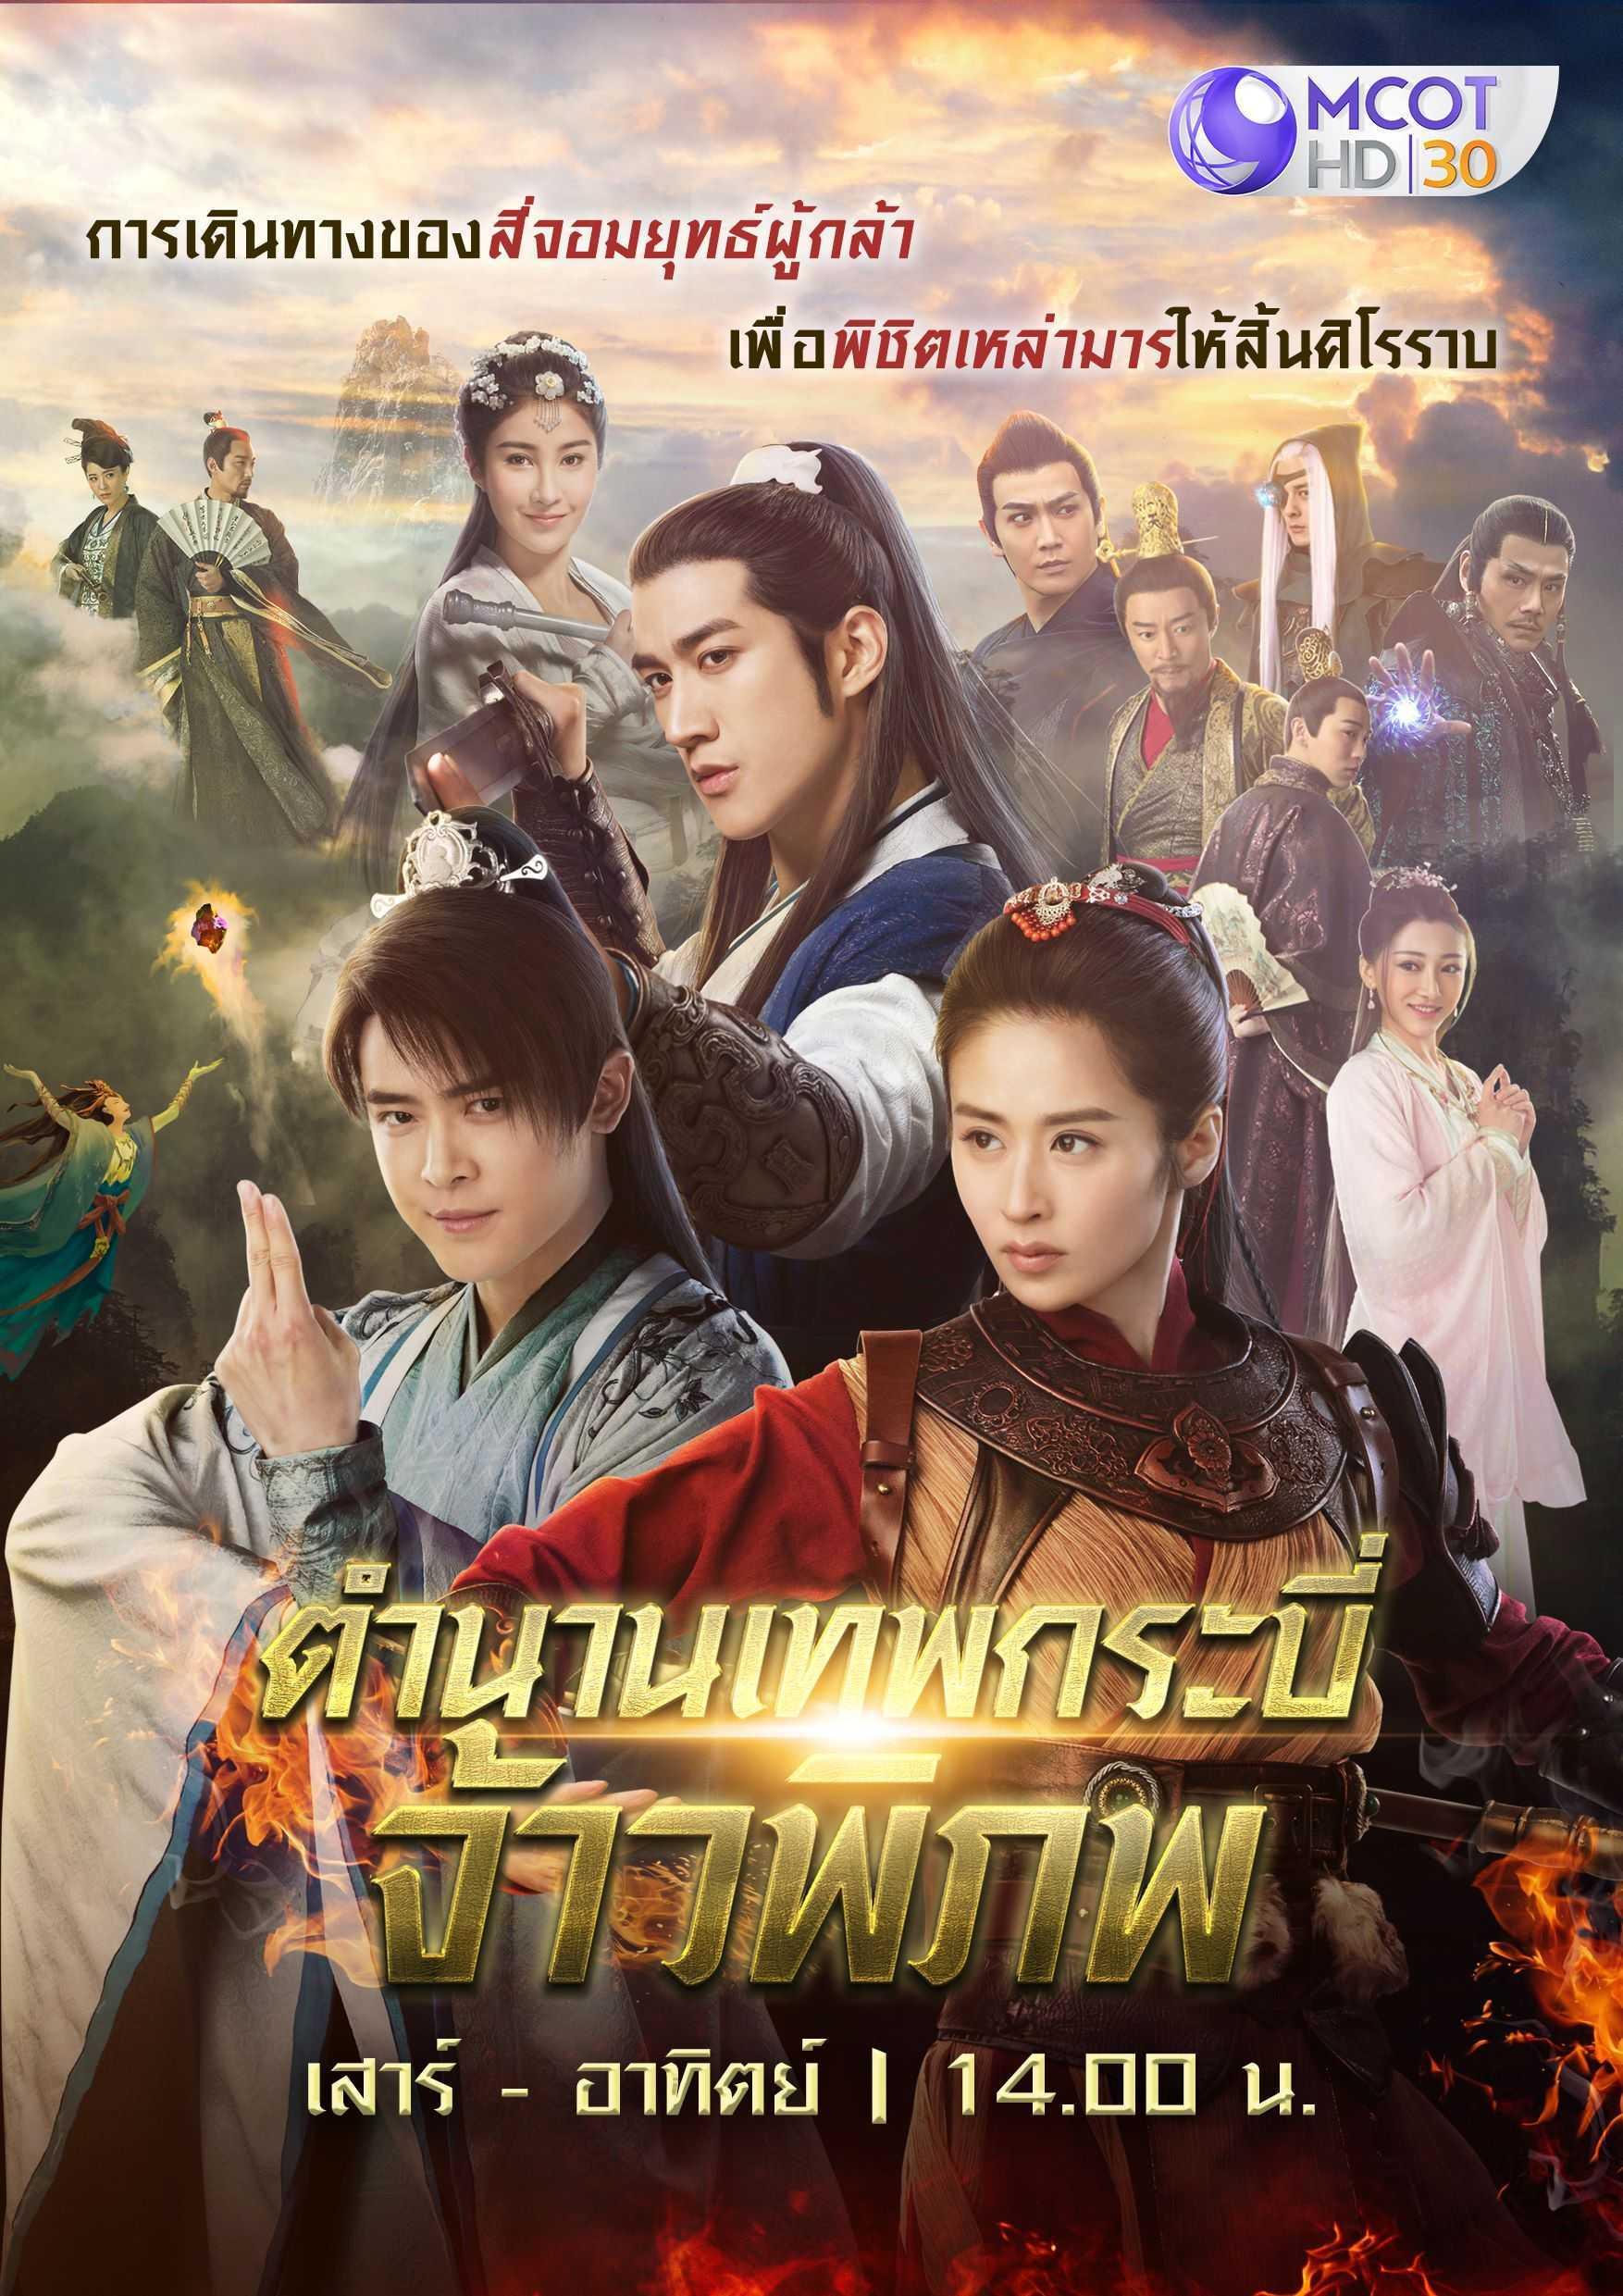 มหัศจรรย์กระบี่เจ้าพิภพ-2-swords-of-legends-ii-2021-ตอนที่-1-48-พากย์ไทย-จบ-